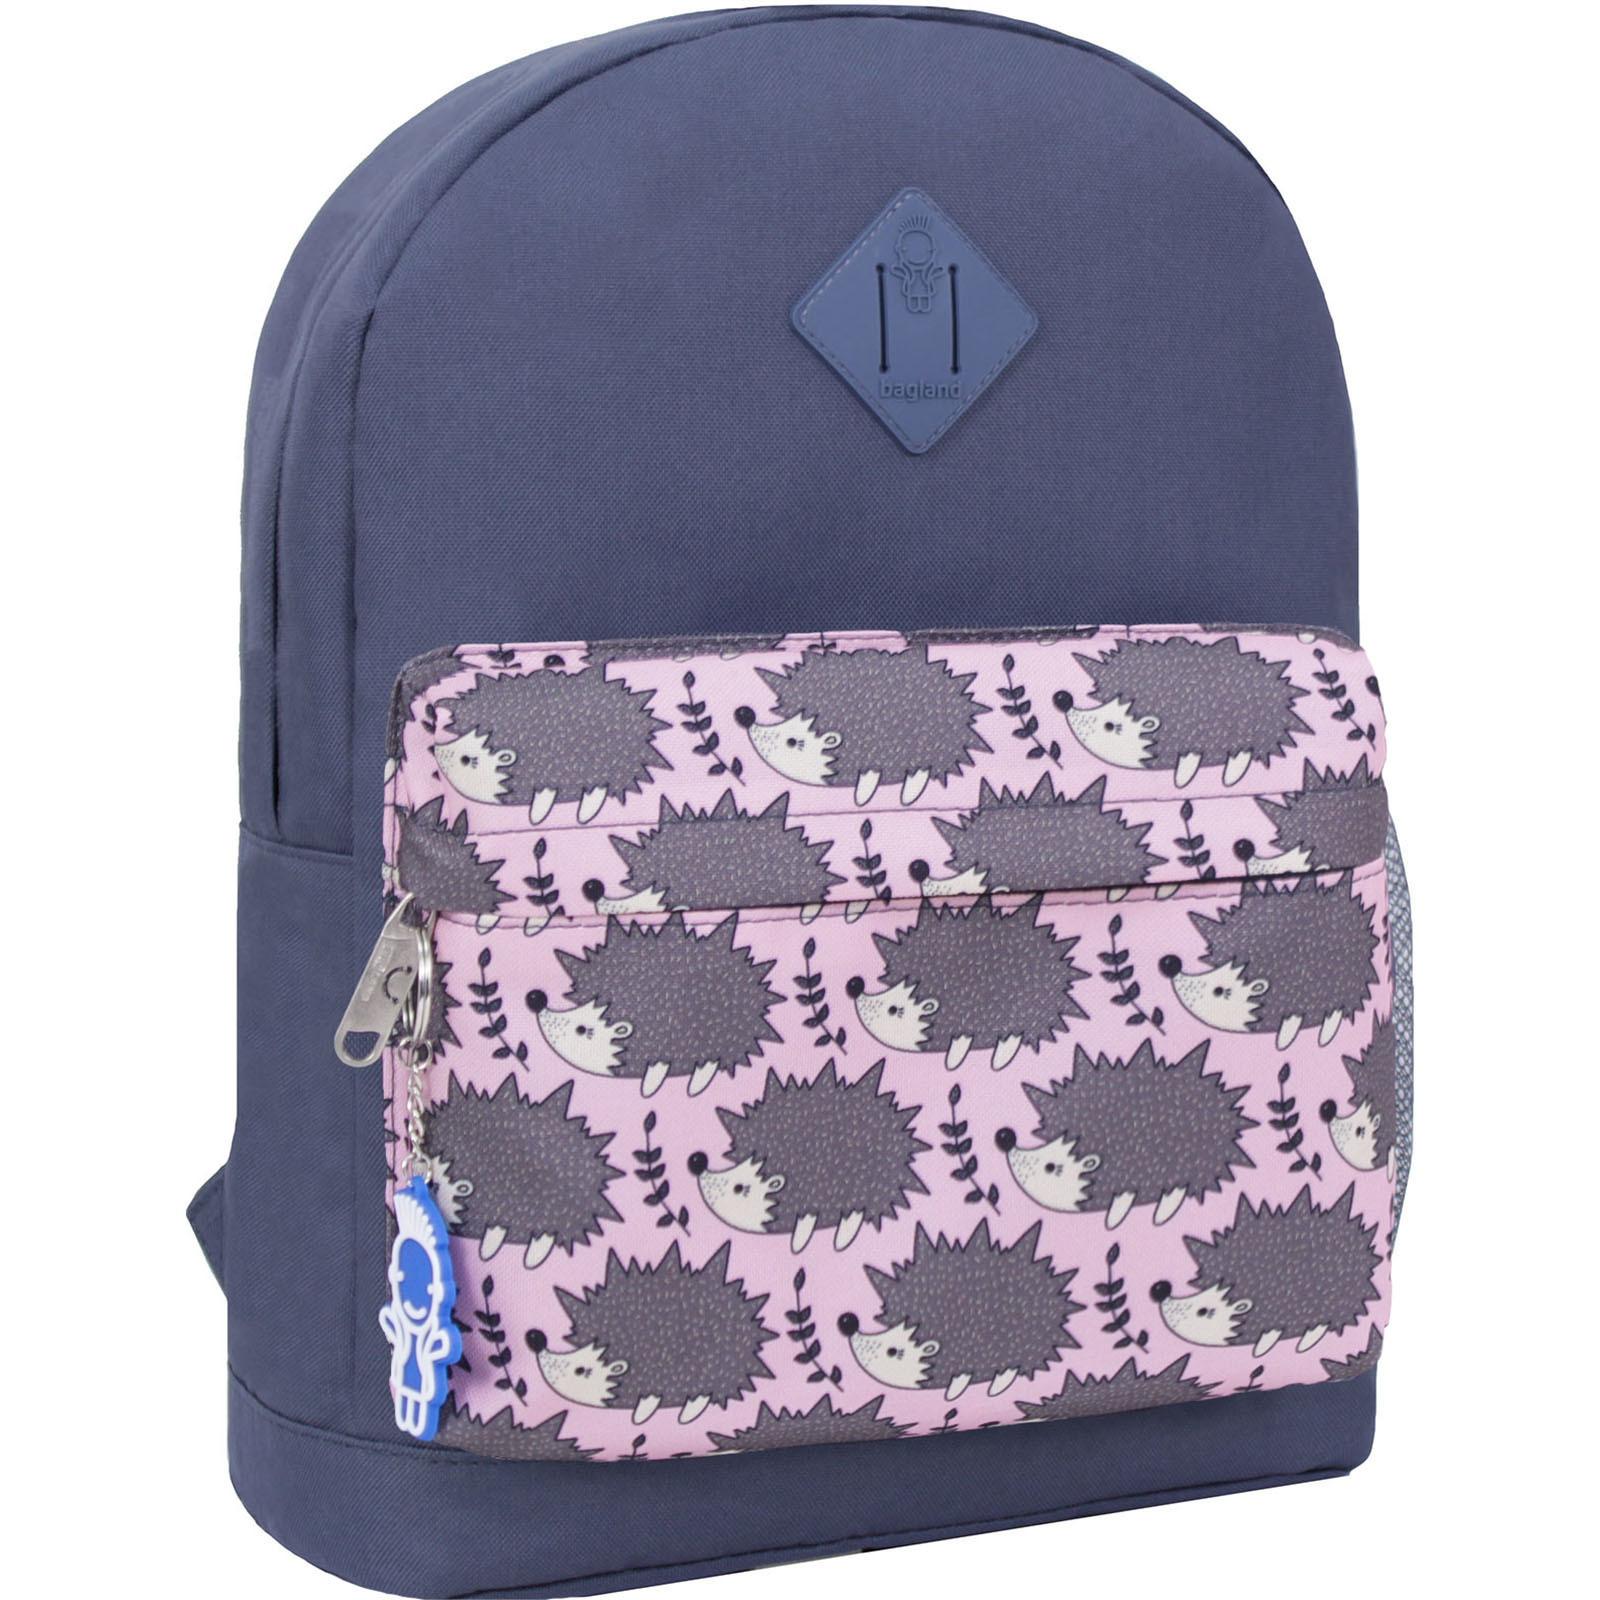 Городские рюкзаки Рюкзак Bagland Молодежный W/R 17 л. серый 485 (00533662) IMG_2574_485_-16000.jpg